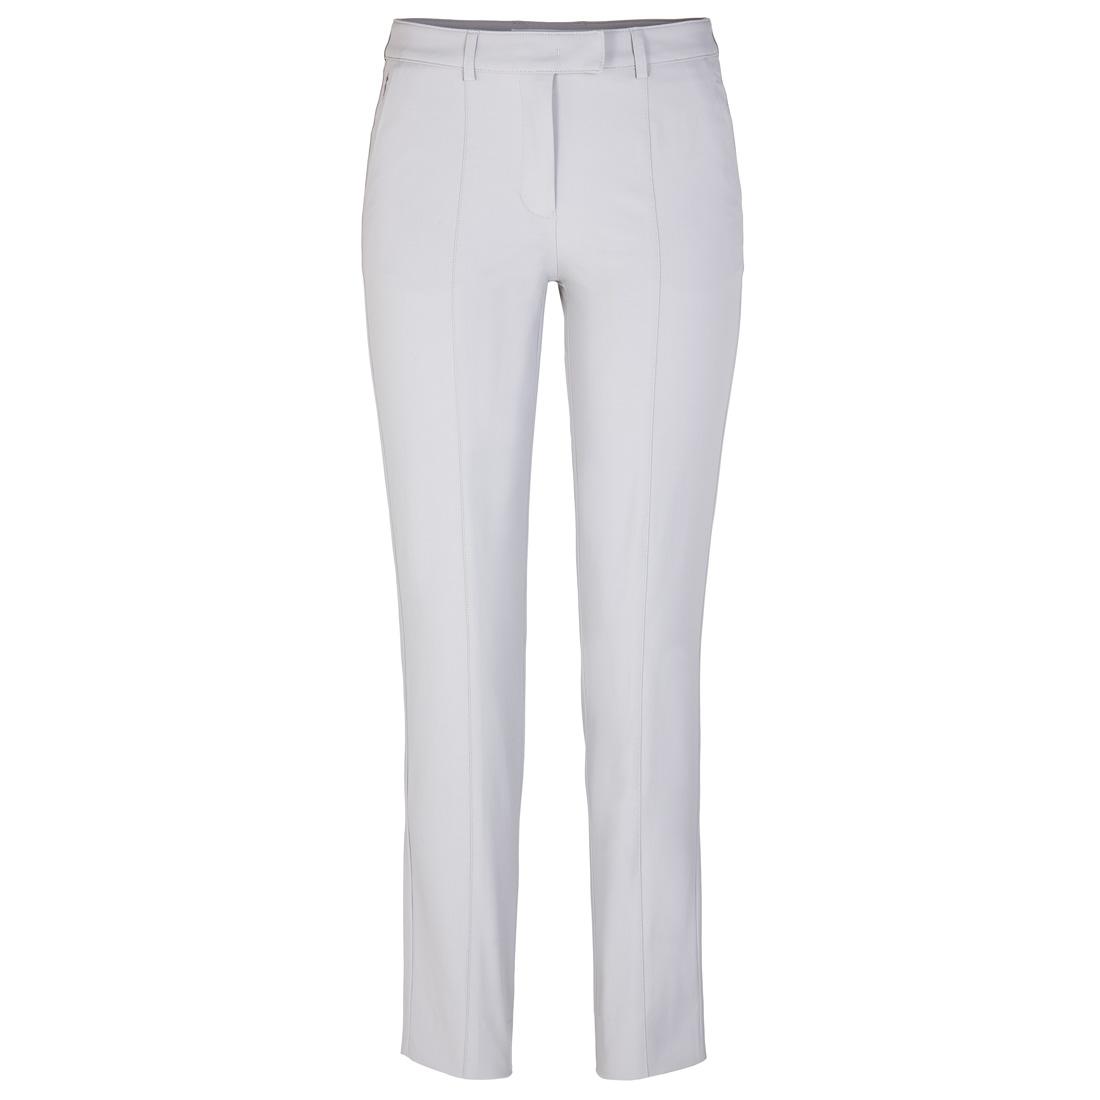 Premium Damen Golfhose Techno Stretch in Slim Fit